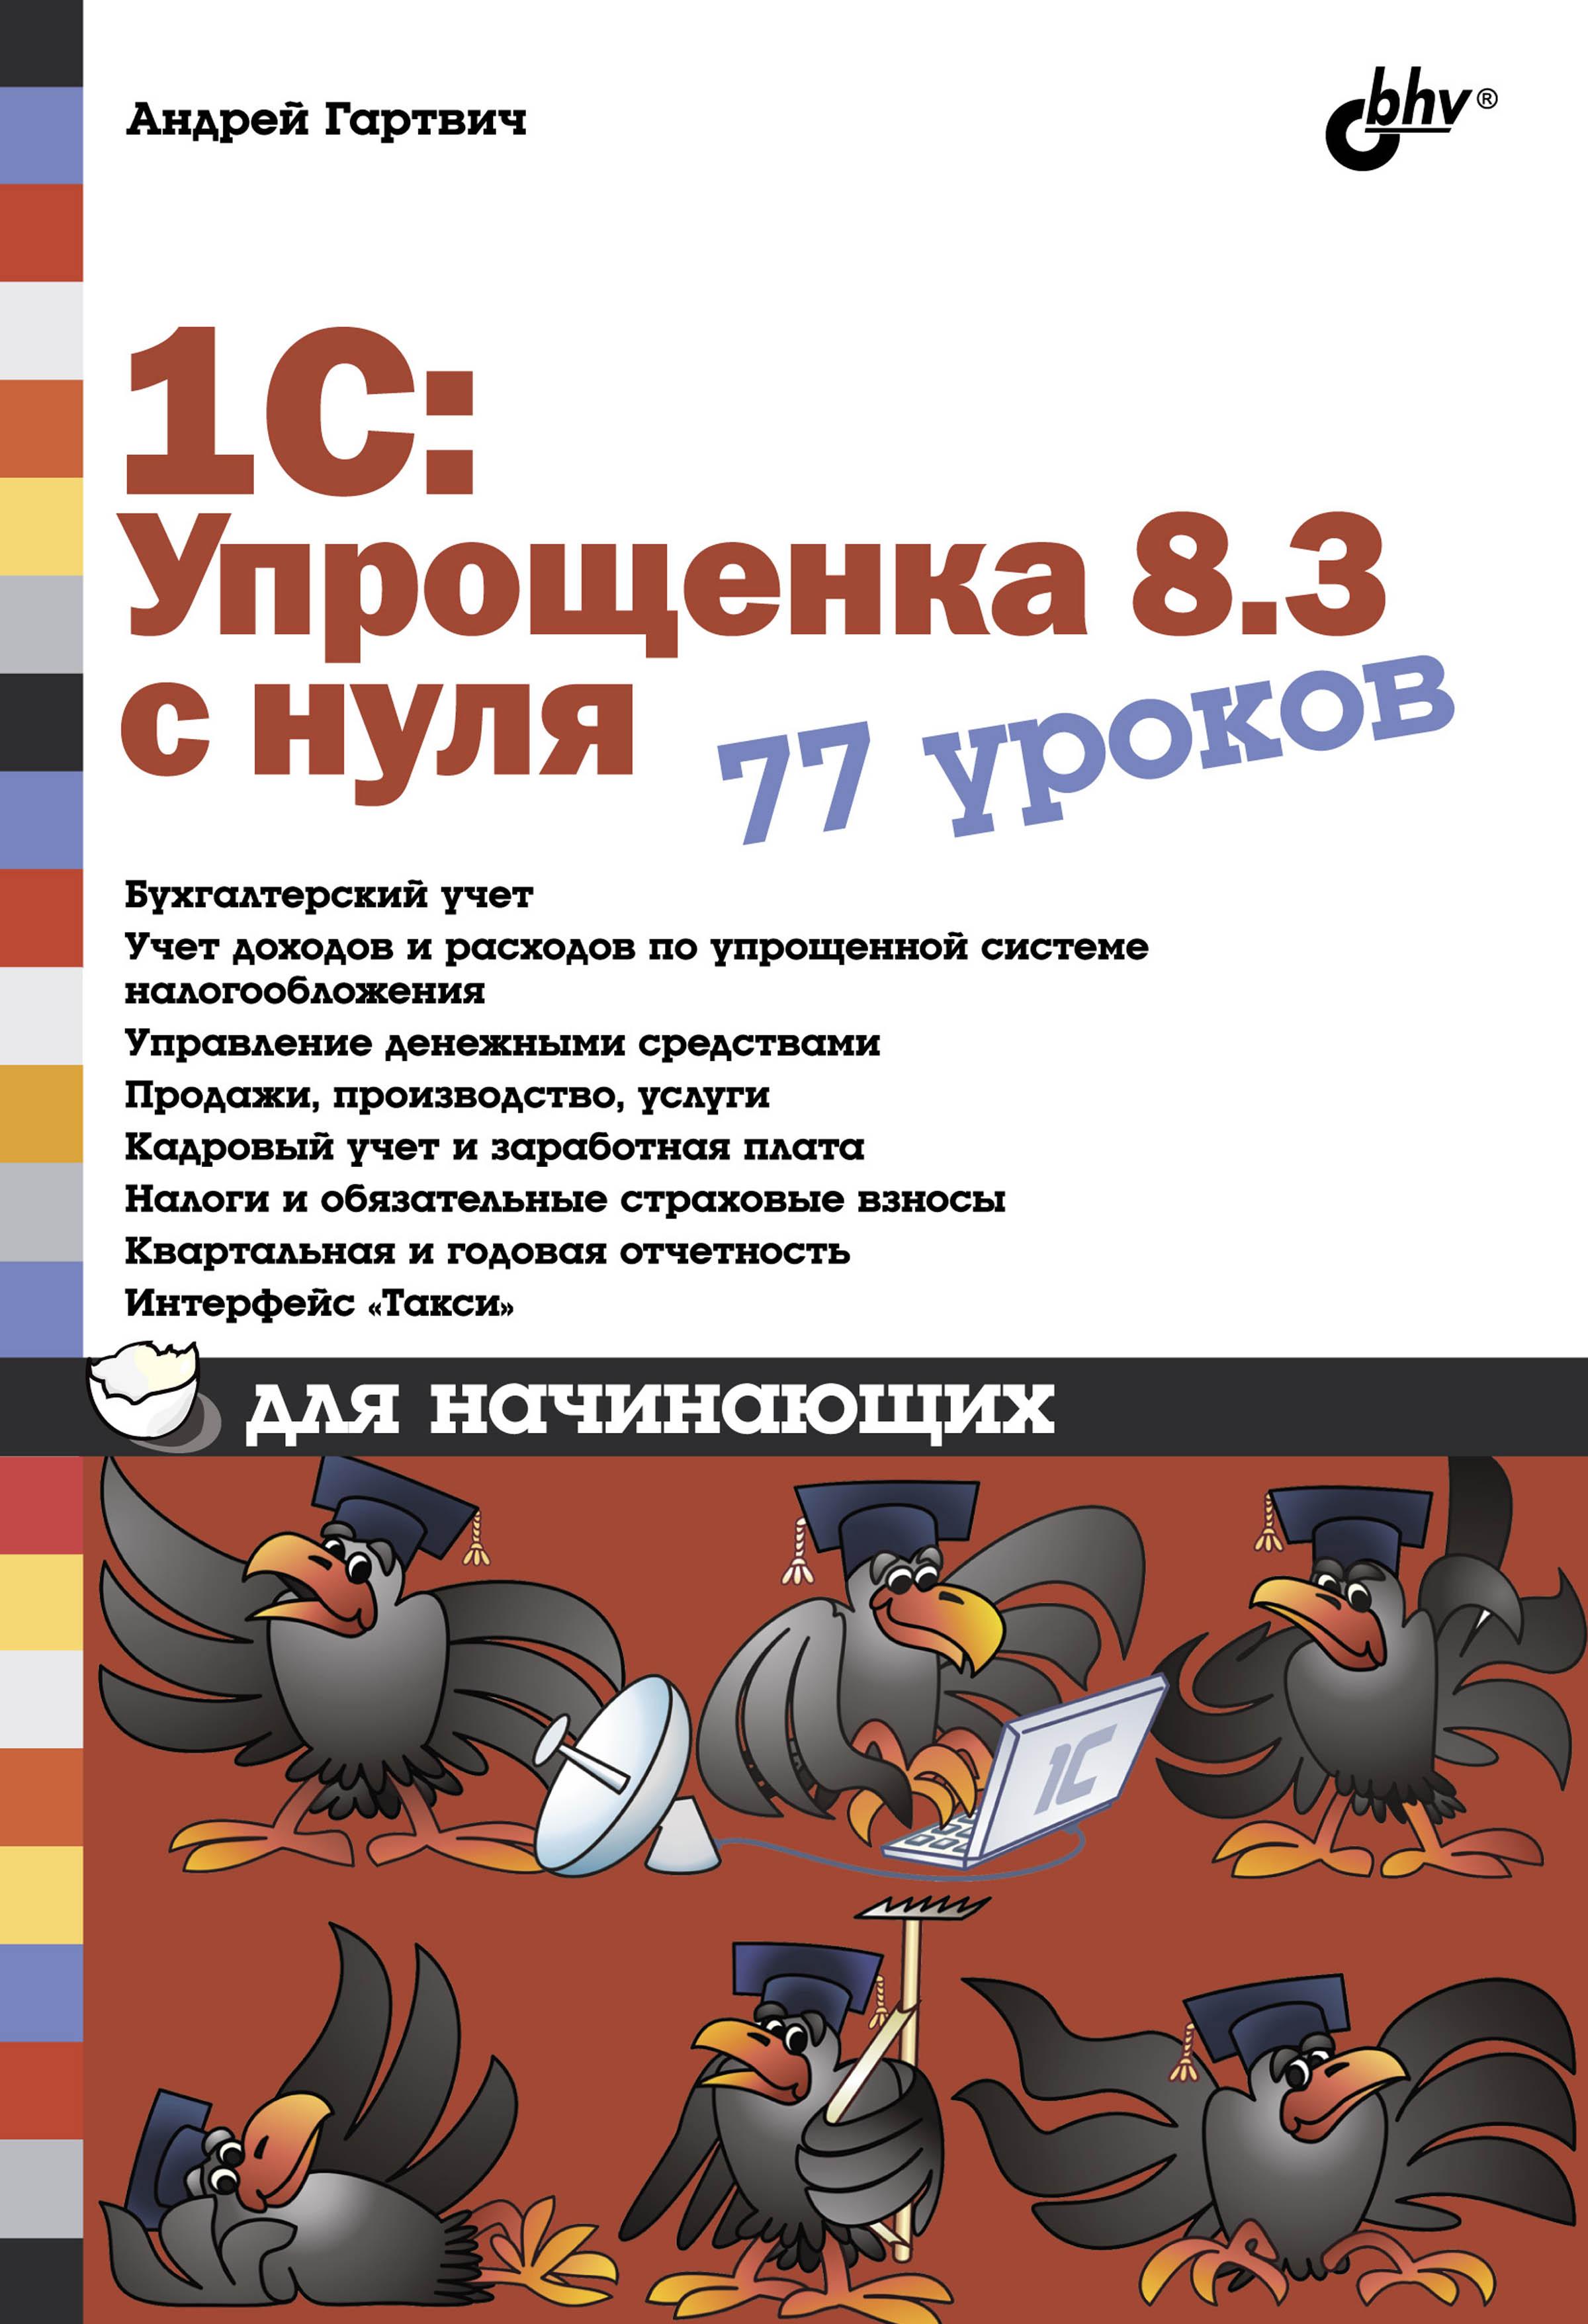 Андрей Гартвич 1С:Упрощенка 8.3 с нуля. 77 уроков для начинающих гладкий а 1с розница 8 2 с нуля 50 уроков для начинающих